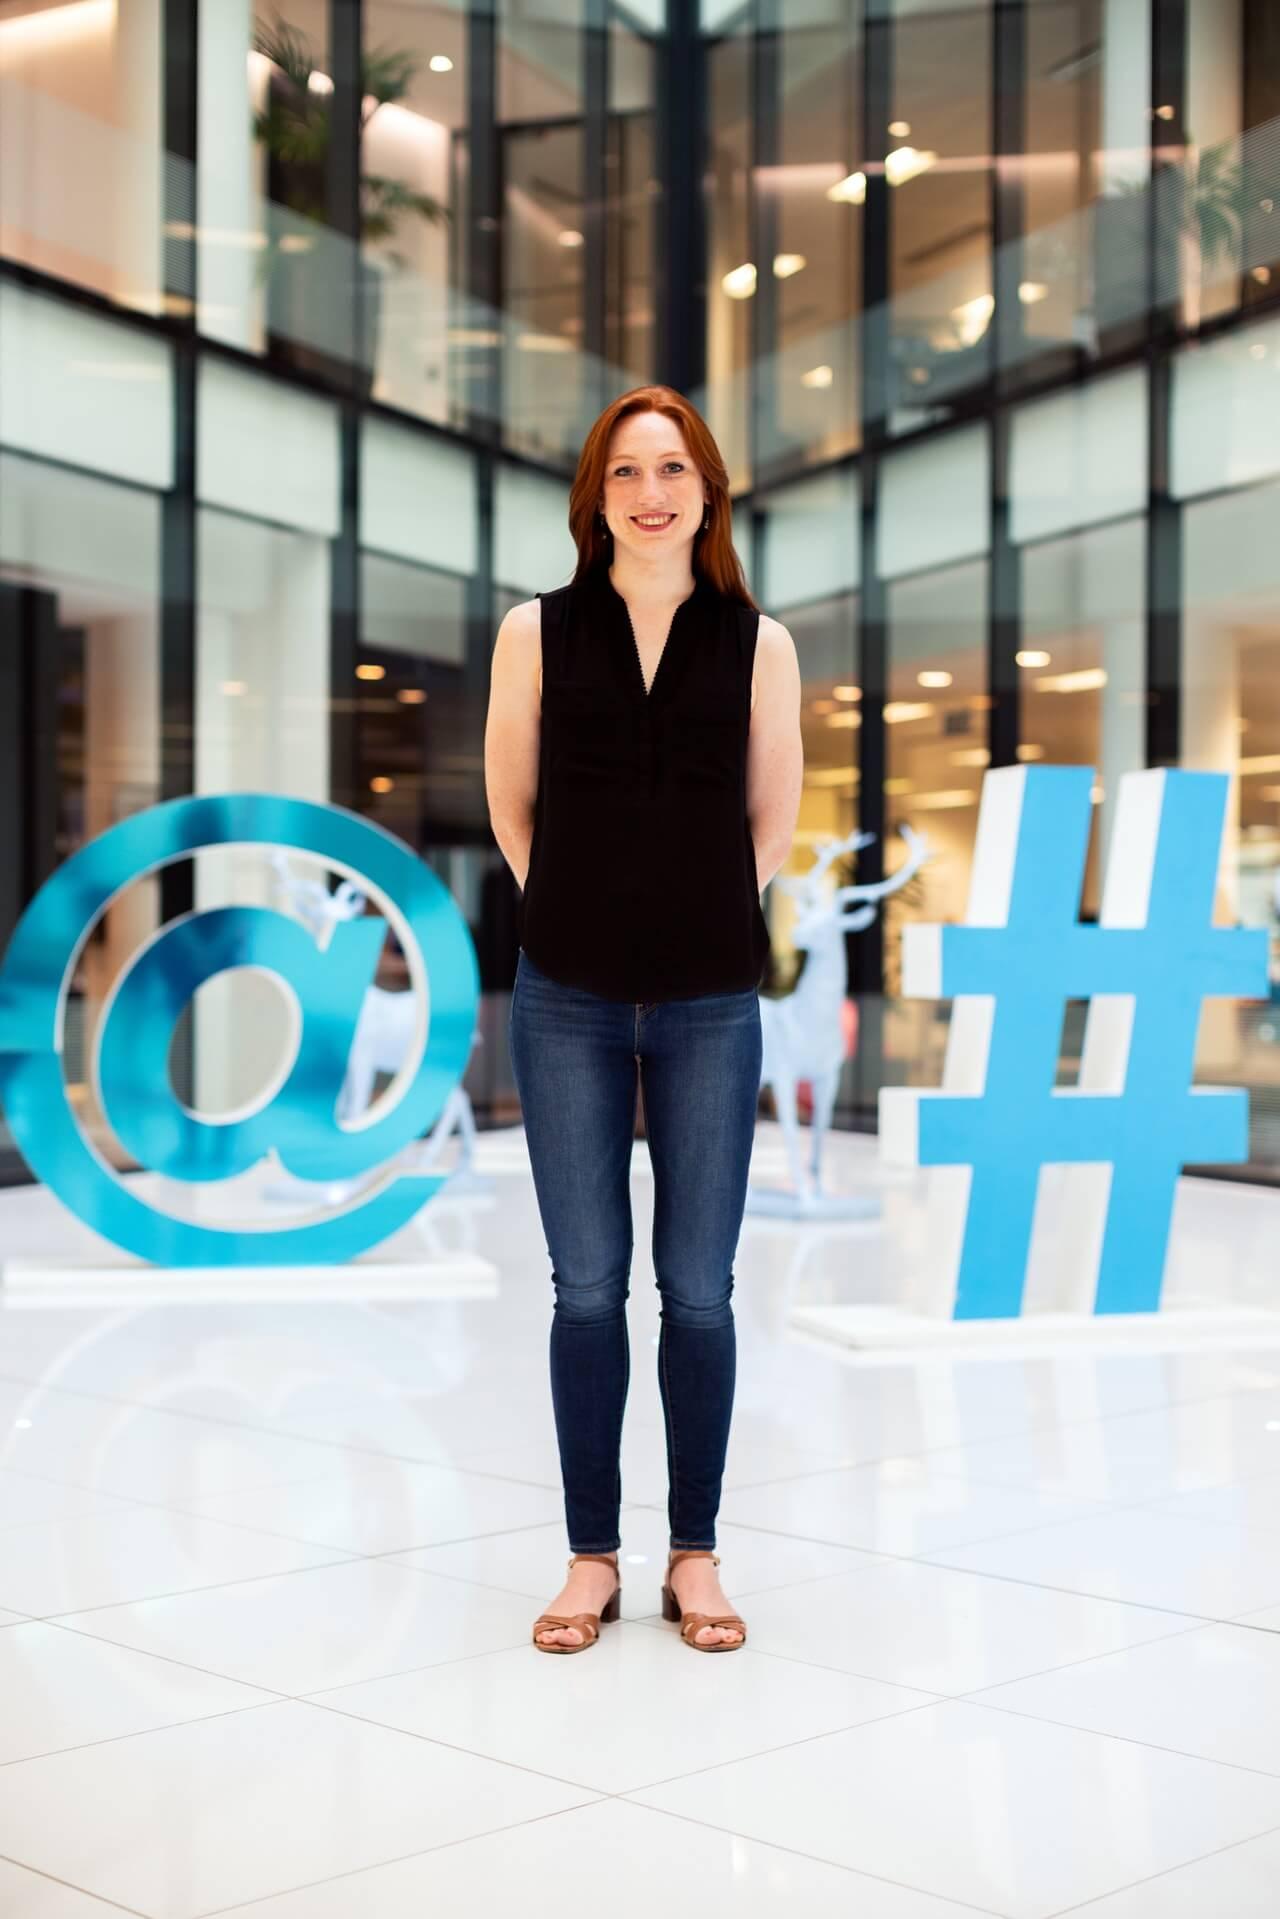 Redes sociales: ¿cuándo publicar?